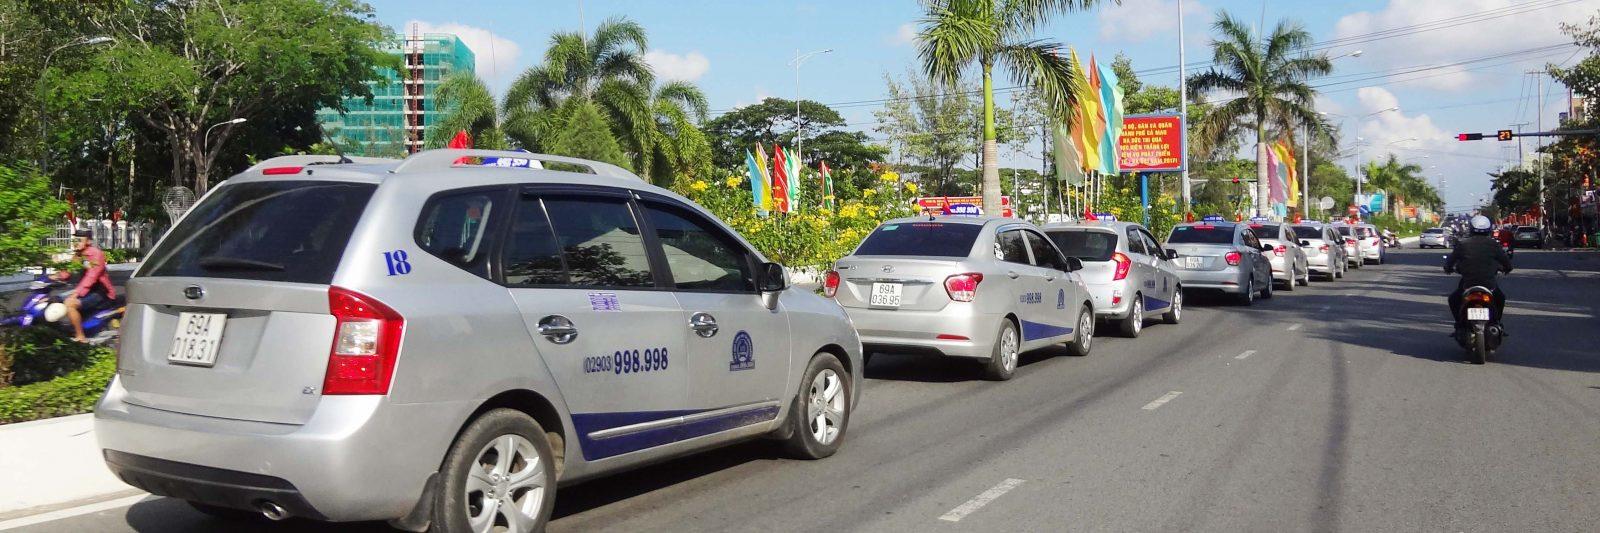 Danh bạ điện thoại taxi tại Cà Mau